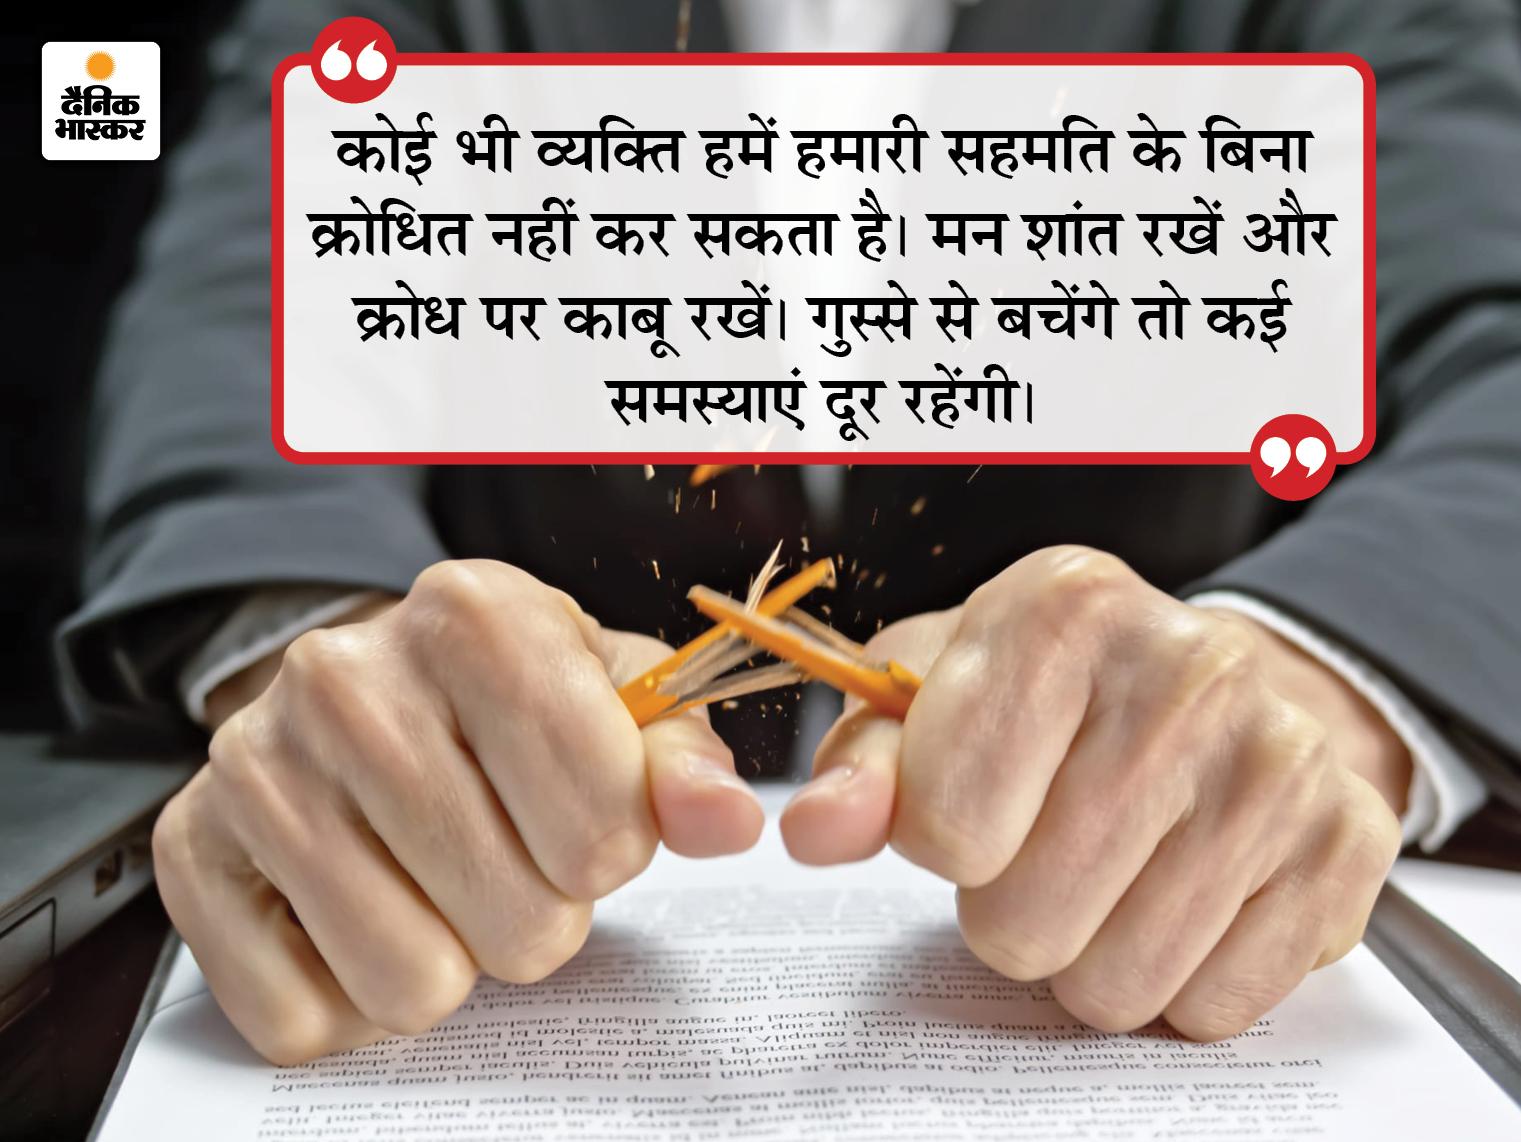 जो लोग समय का मूल्य नहीं समझते हैं, वे किसी भी दूसरी चीज का महत्व नहीं समझ सकते|धर्म,Dharm - Dainik Bhaskar